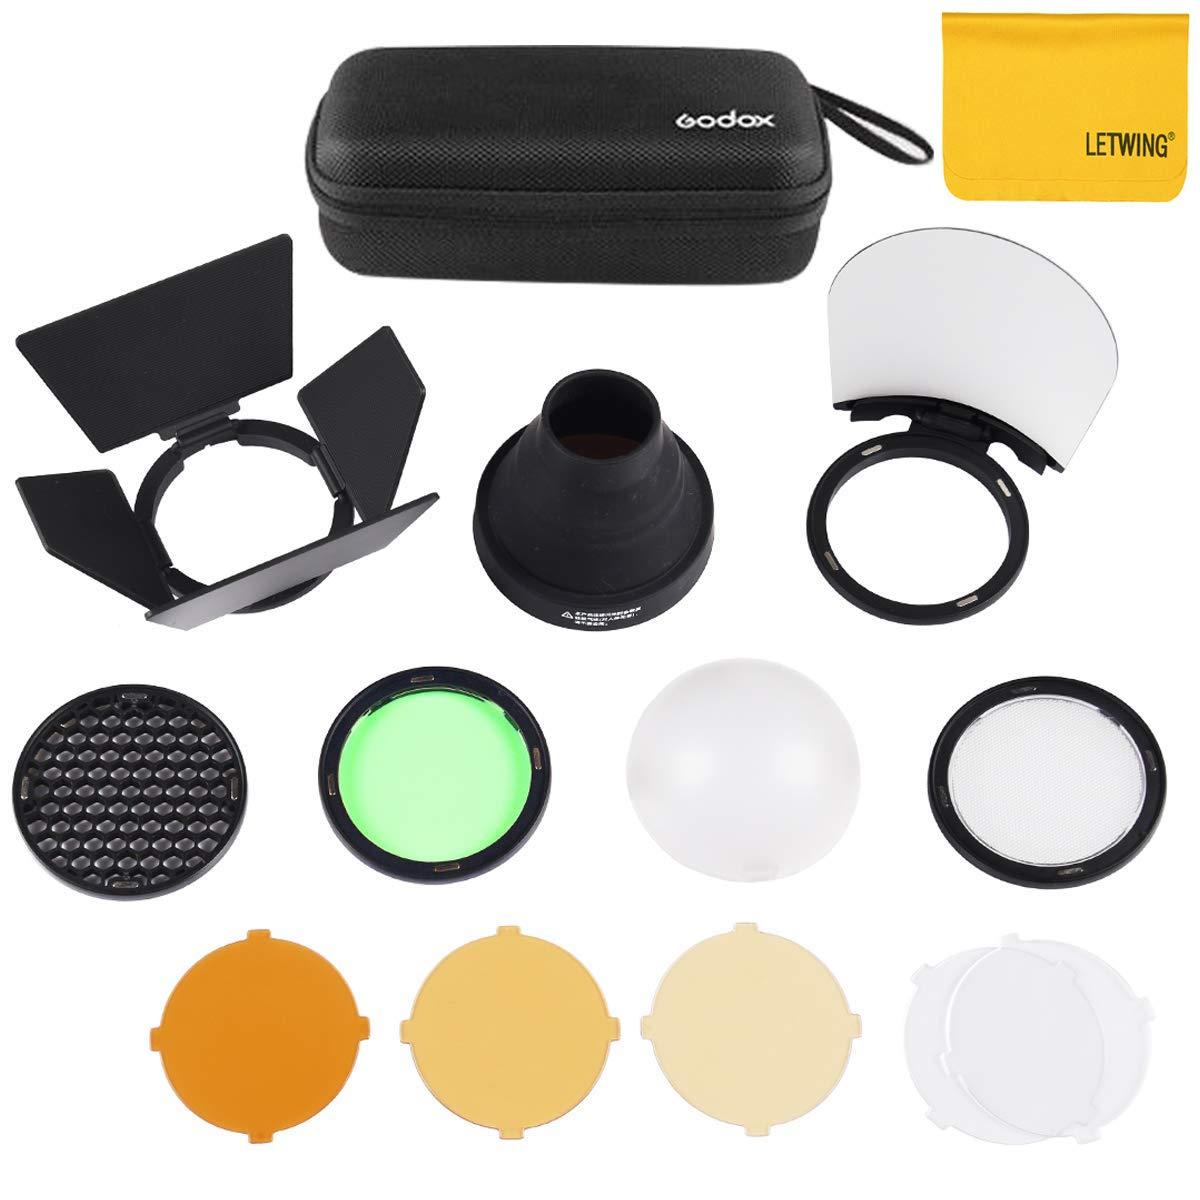 Godox AK-R1 Pocket Flash Light Accessories Kit for Godox H200R,Godox AD200 Accessories